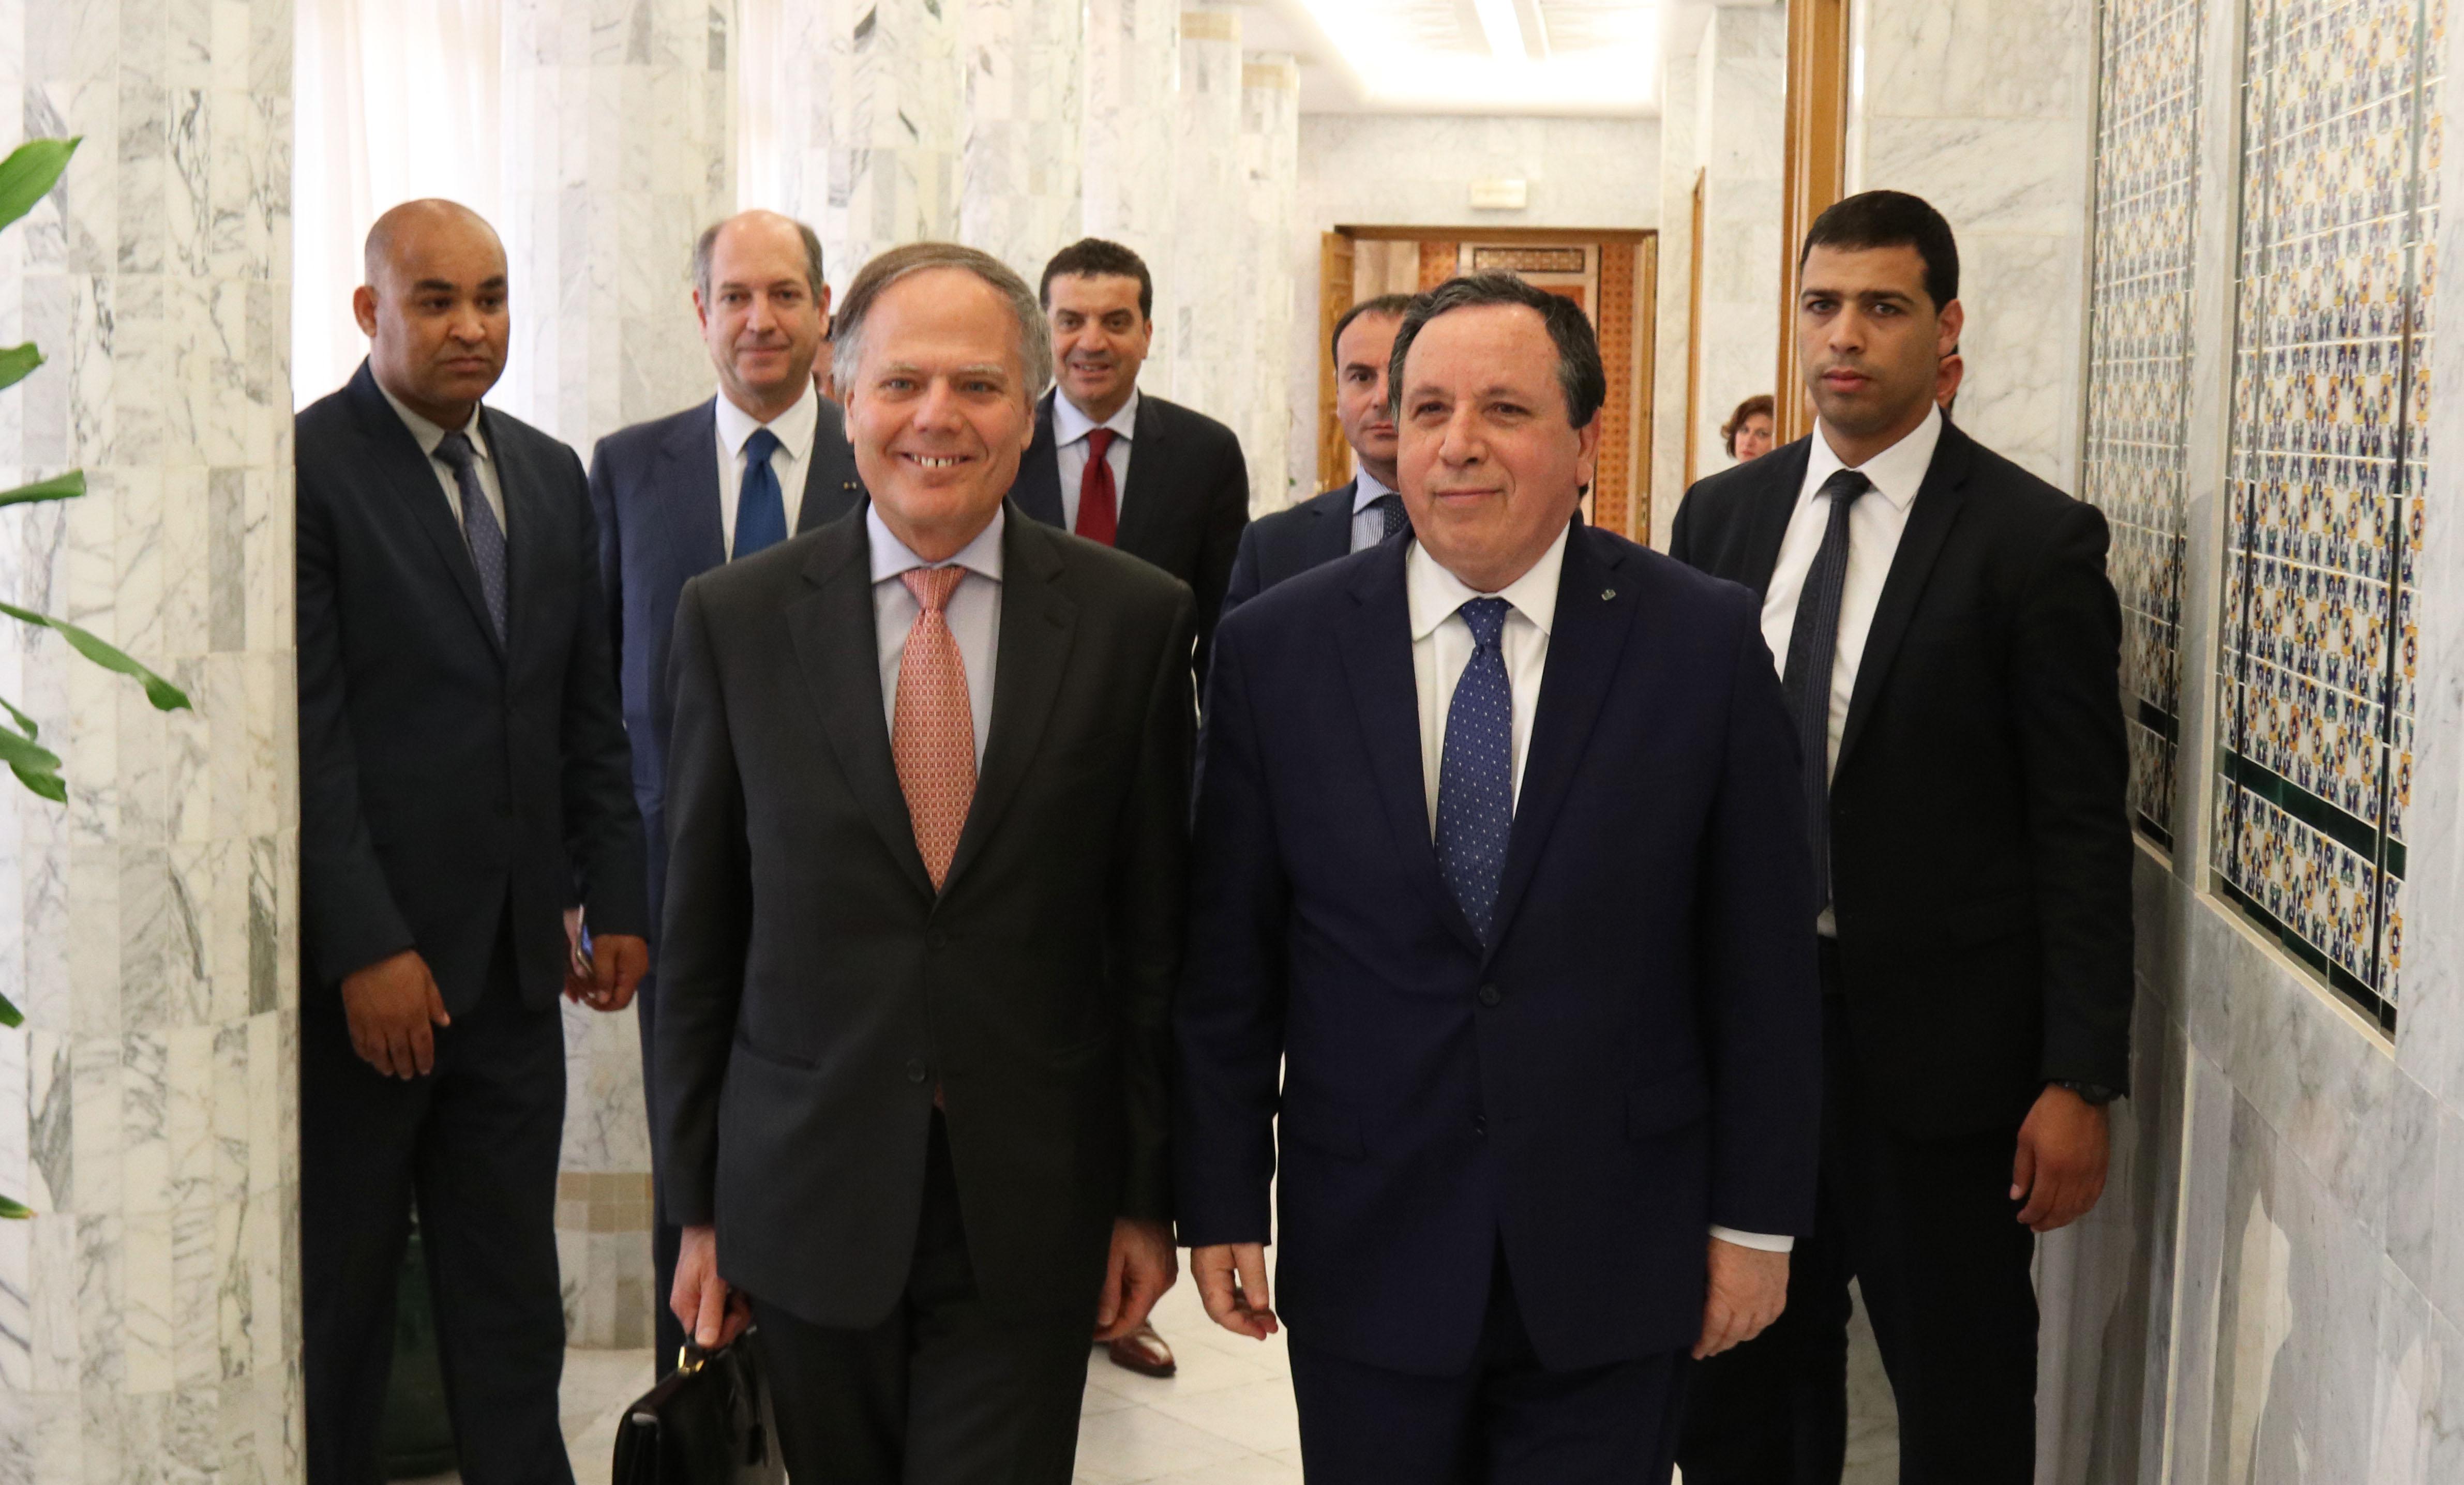 ملفات التعاون الثنائي والأزمة في ليبيا محور  جلسة مشتركة بين وزيري خارجية تونس وإيطاليا: